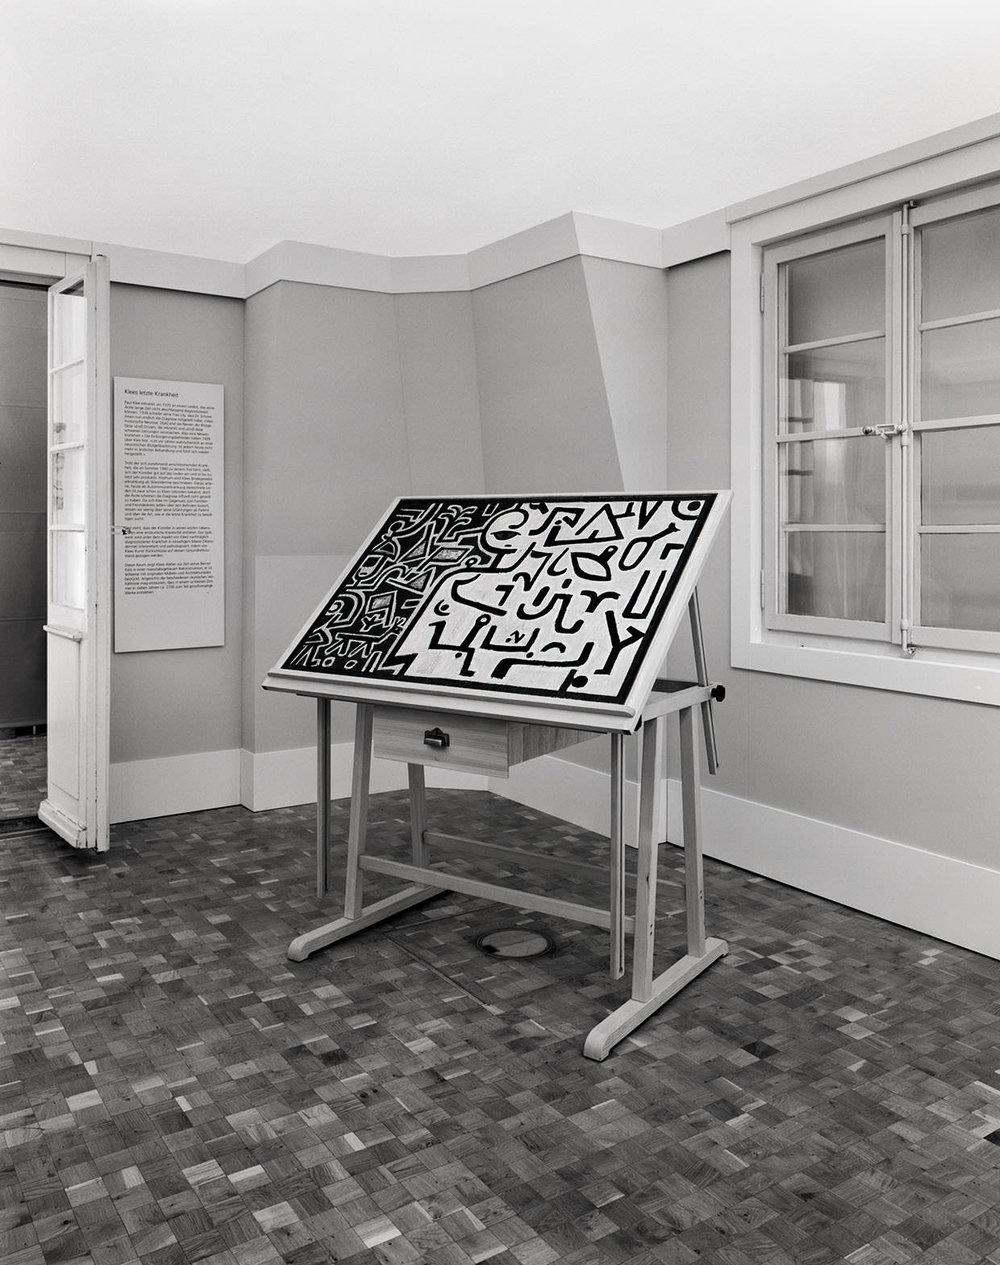 Abb. 4  Massstabgetreue Rekonstruktion von Paul Klees Atelier am Kistlerweg 6 in der Ausstellung »Paul Klee und die Medizin« im Medizinhistorischen Museum der Universität Zürich , 2005, Fotograf: Dominique Uldry ©Bern: Dominique Uldry